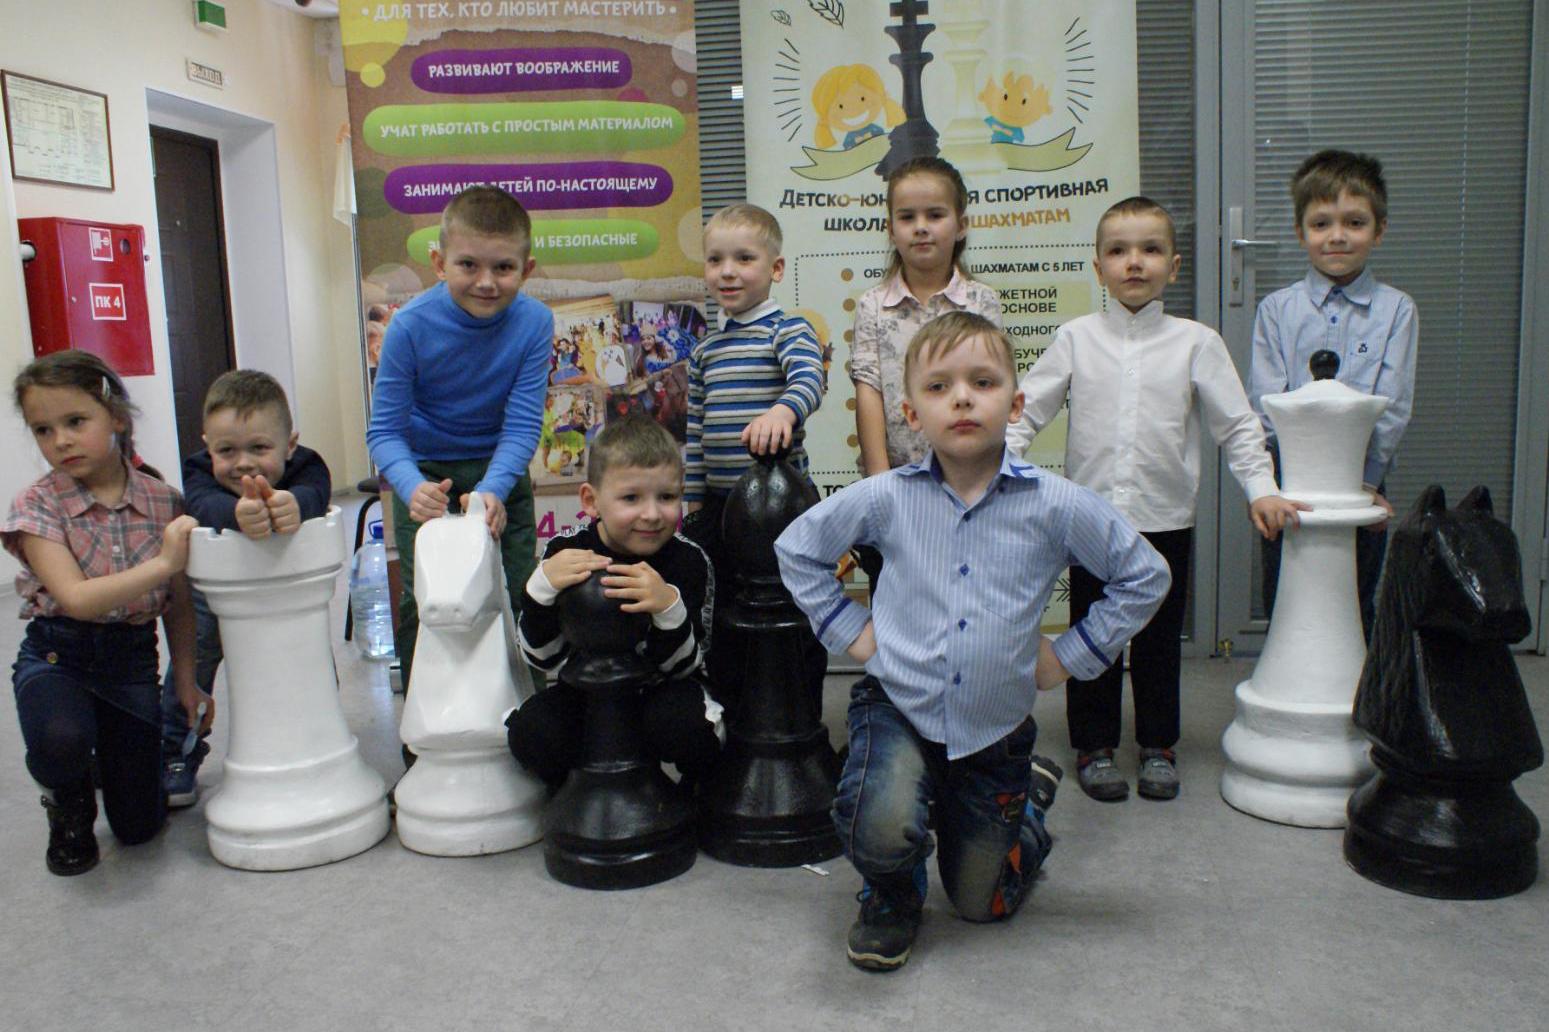 В городе проходит Первенство по шахматам среди детей